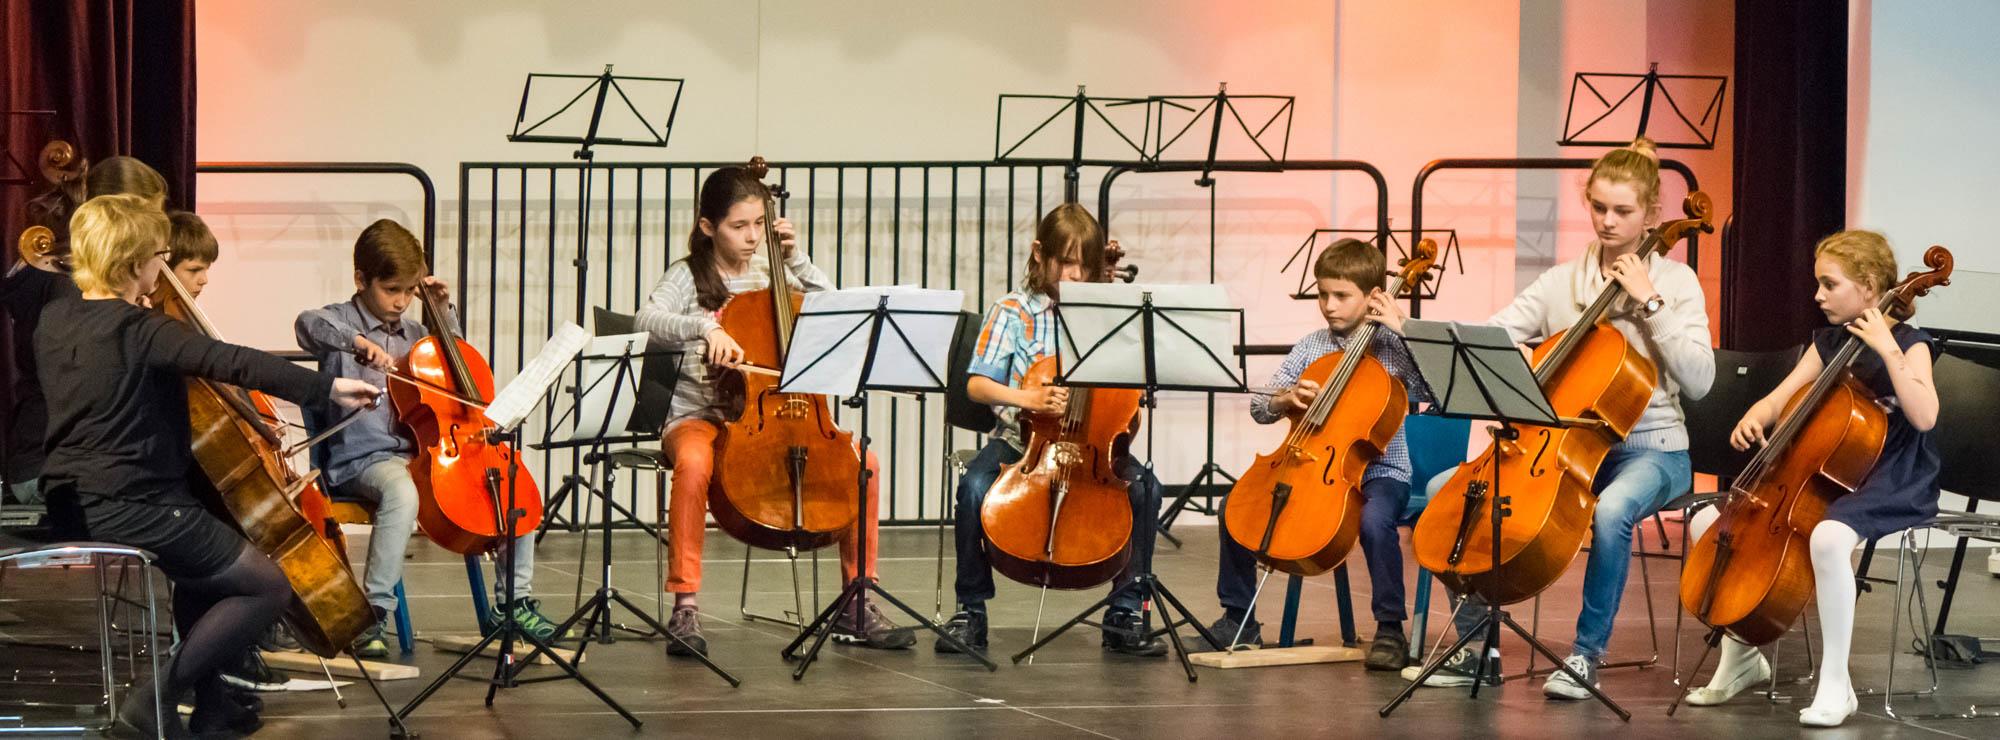 musikschule-cello1-56